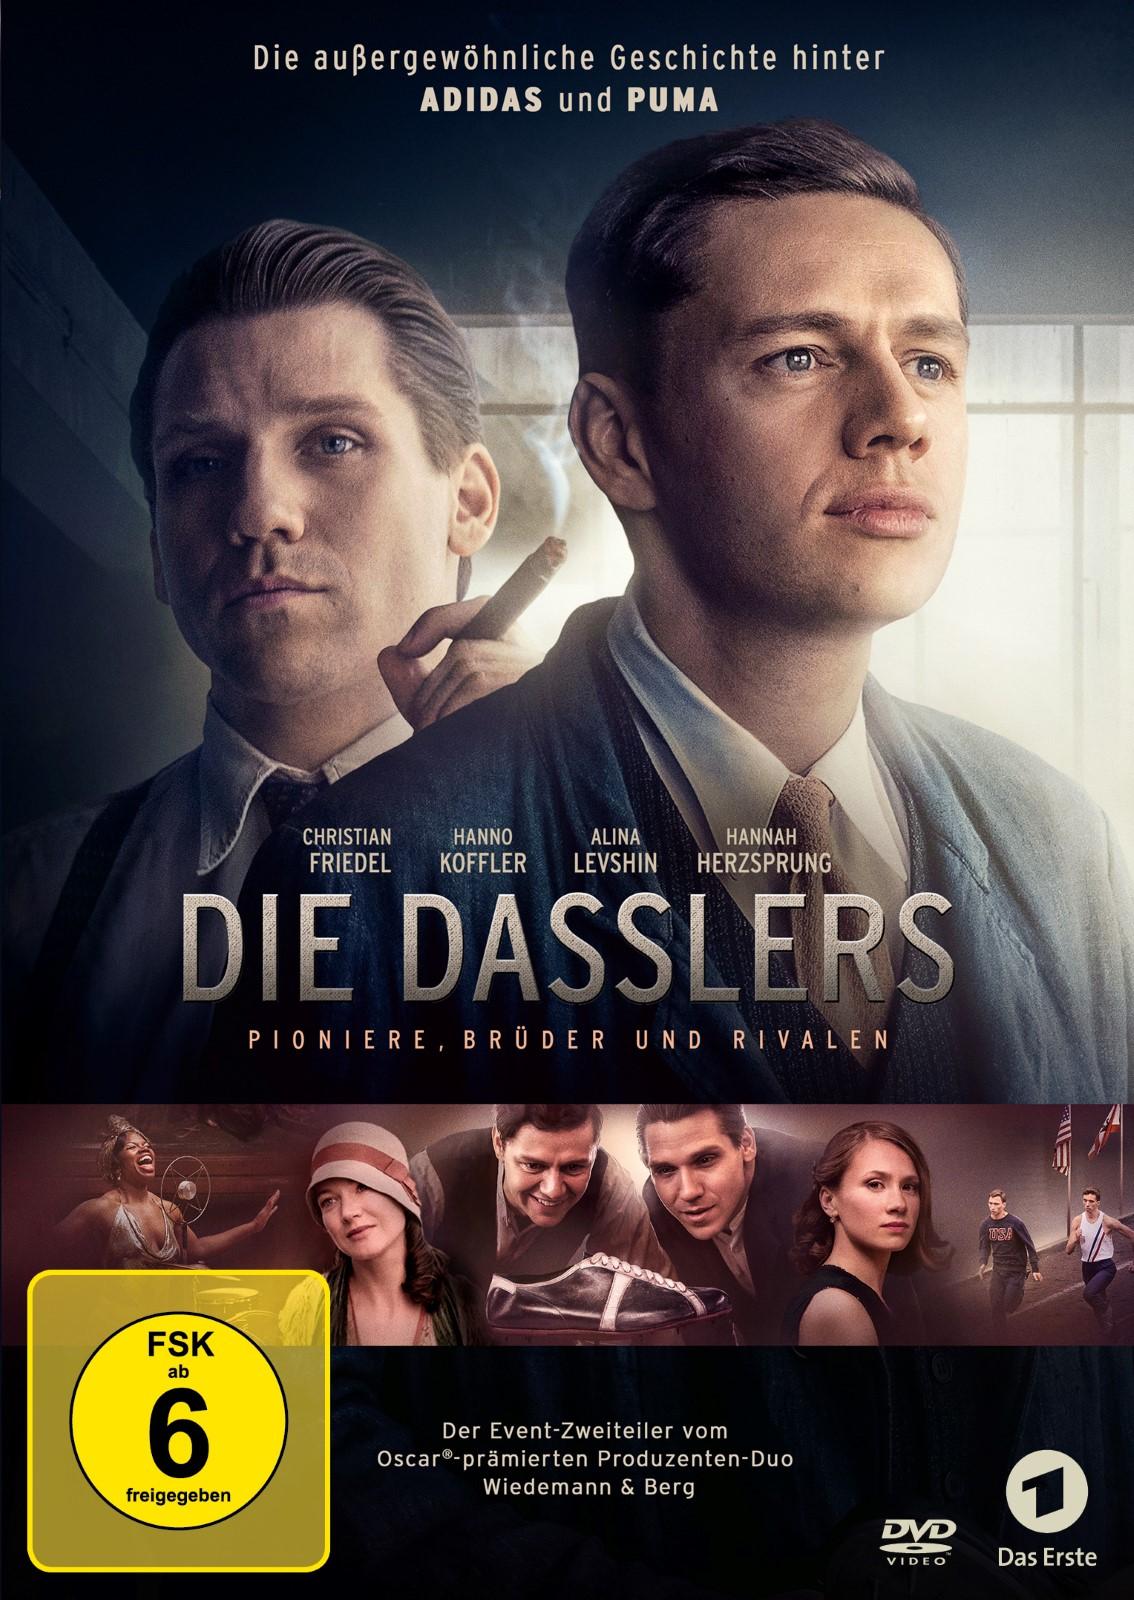 Die Dasslers Film